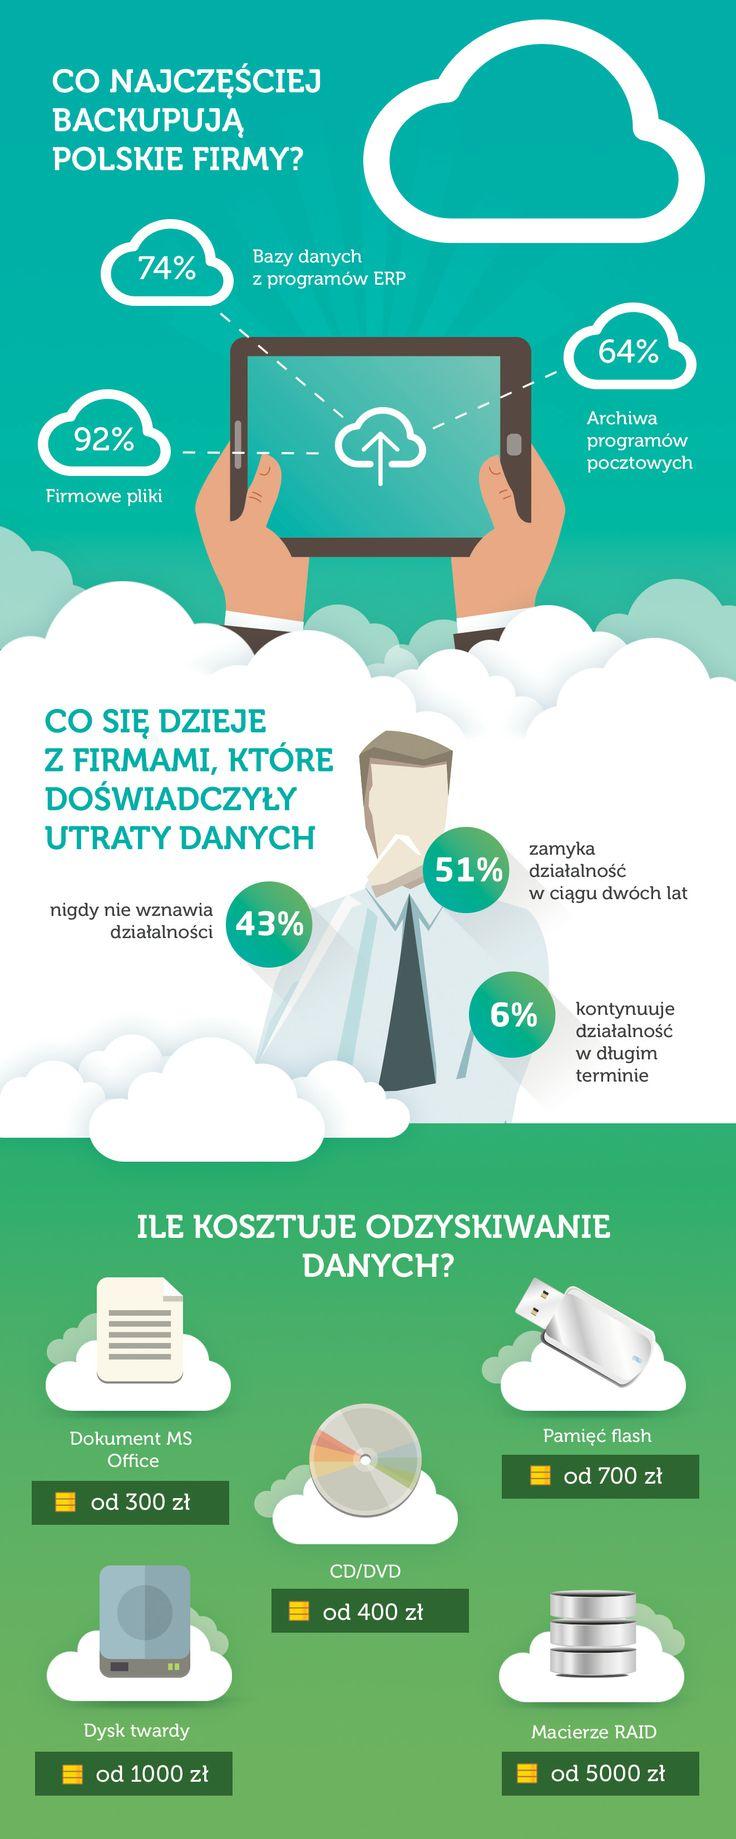 Co najczęściej backupują polskie firmy? Co się dzieje z firmami, które doświadczyły utraty danych? Ile kosztuje odzyskiwanie danych?